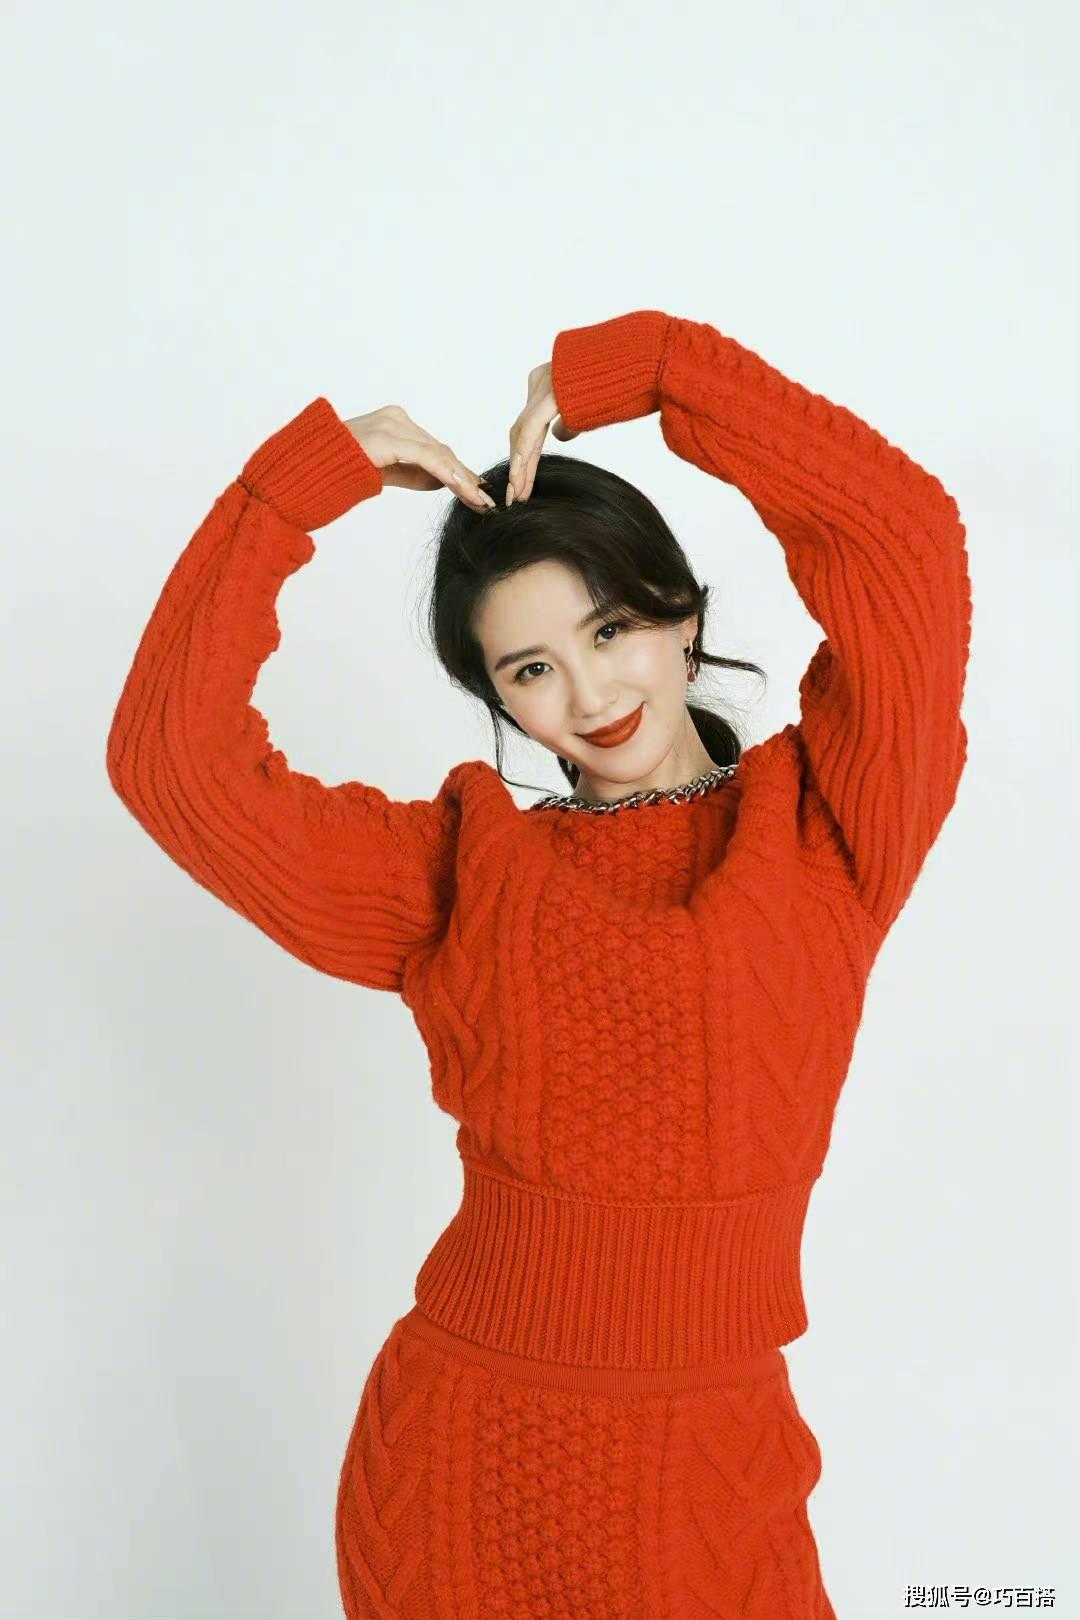 原来刘诗诗的新年愿望就是这么喜庆!这套红色套装很有皮肤色彩,精致而不做作